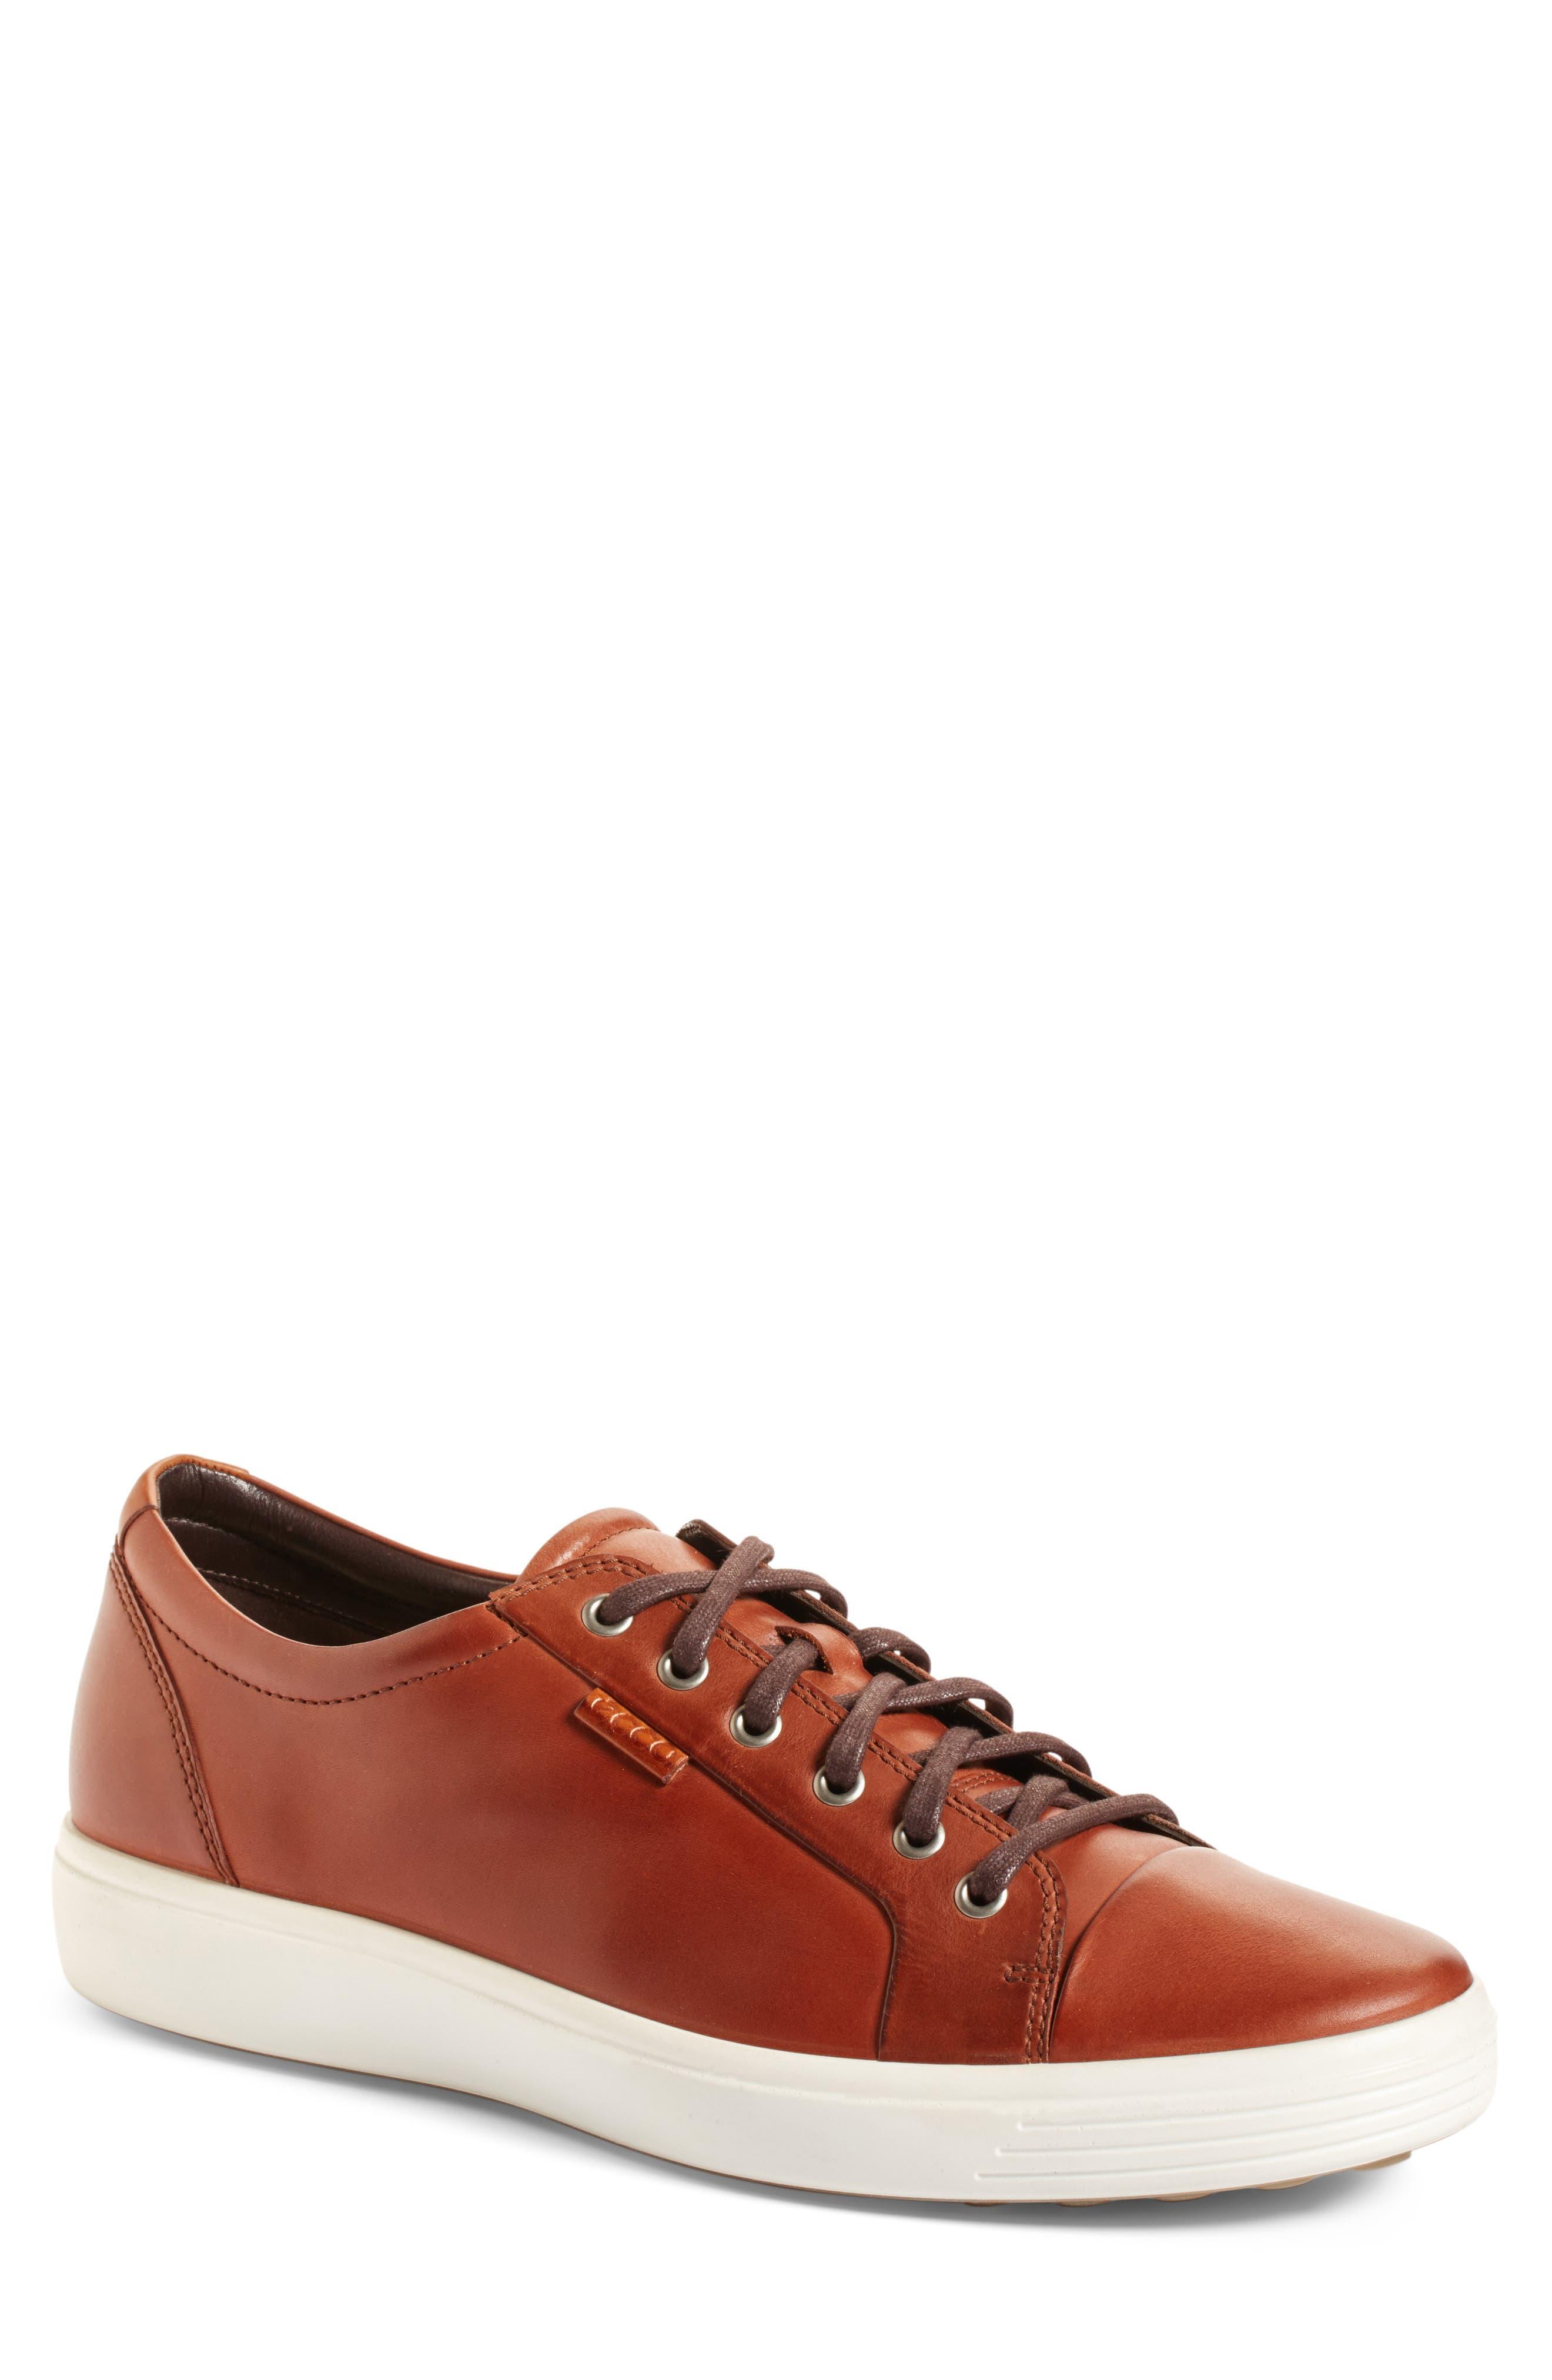 Soft VII Lace-Up Sneaker,                             Main thumbnail 1, color,                             MAHOGANY